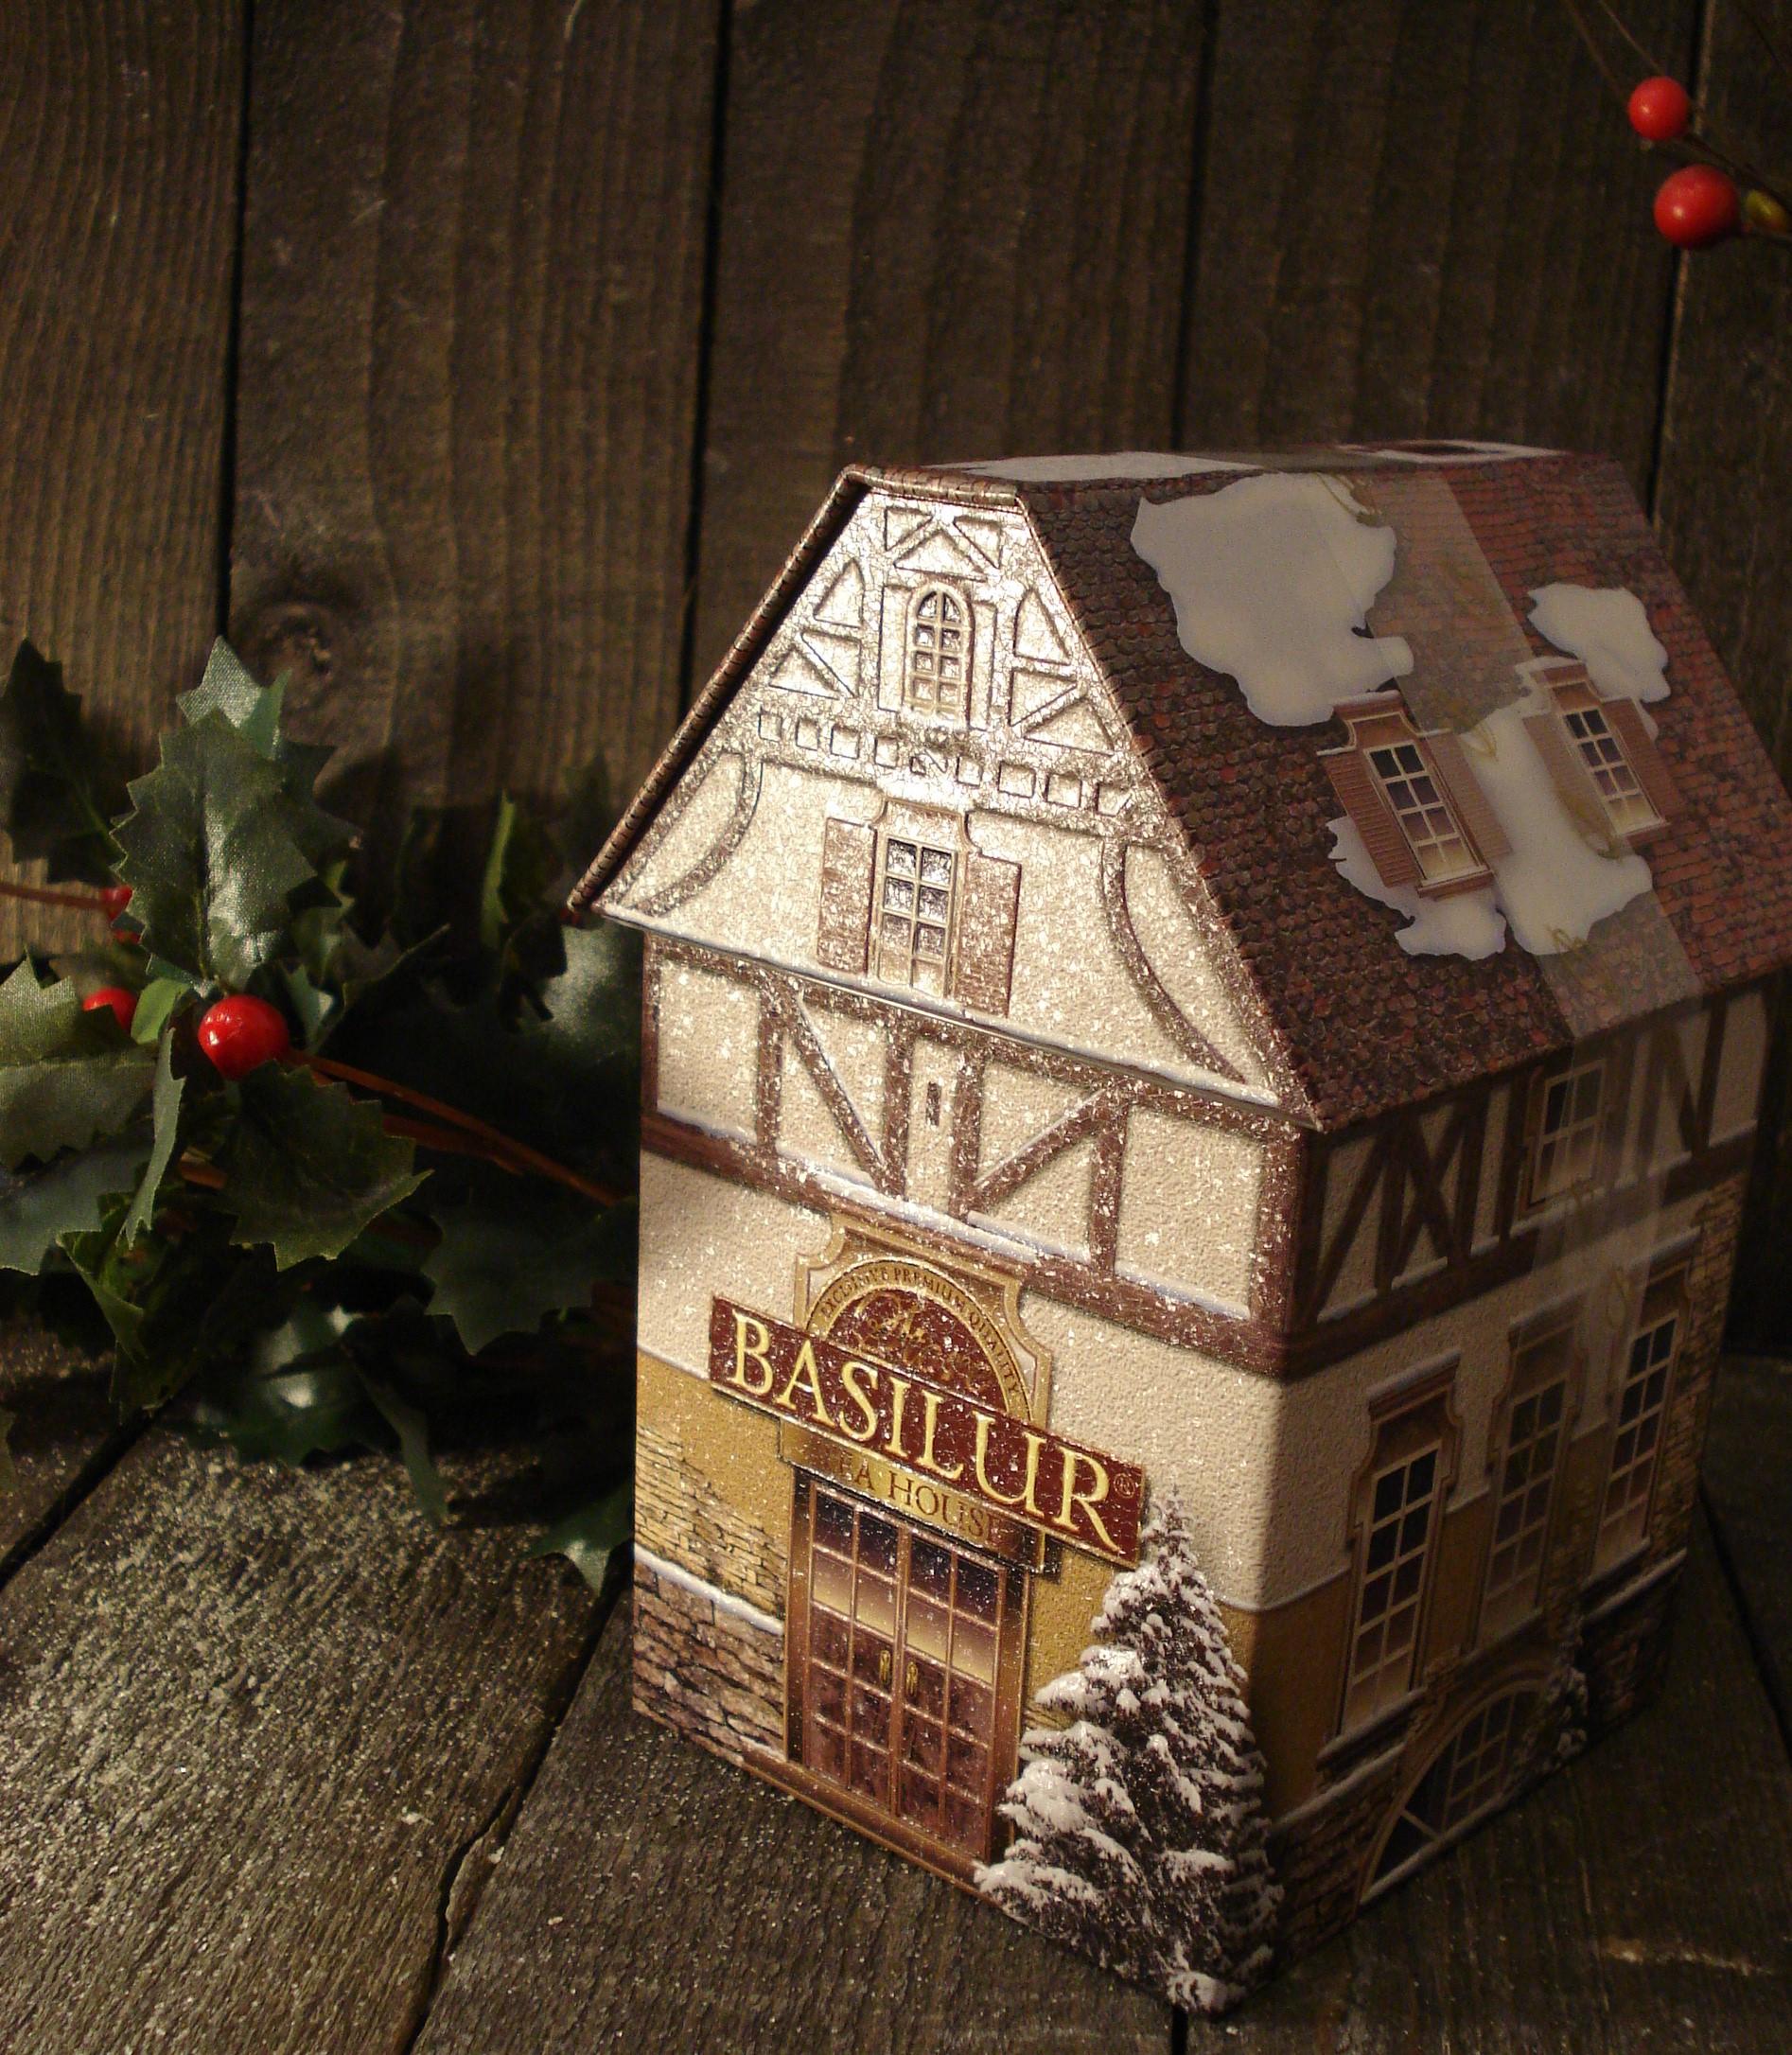 Tea house christmas Basilur